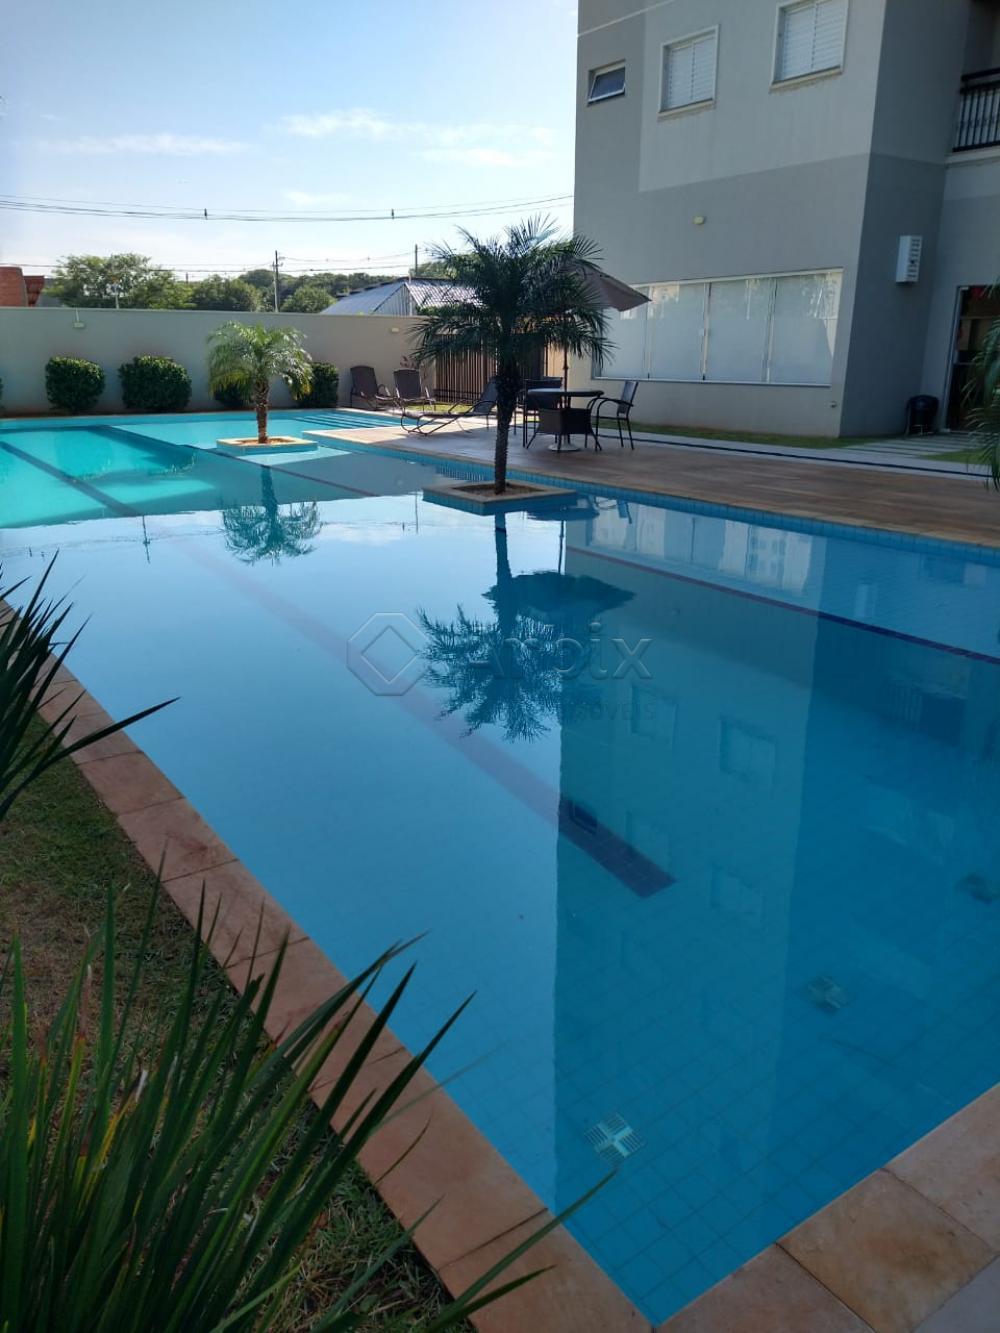 Comprar Apartamento / Padrão em Santa Bárbara D`Oeste R$ 320.000,00 - Foto 1